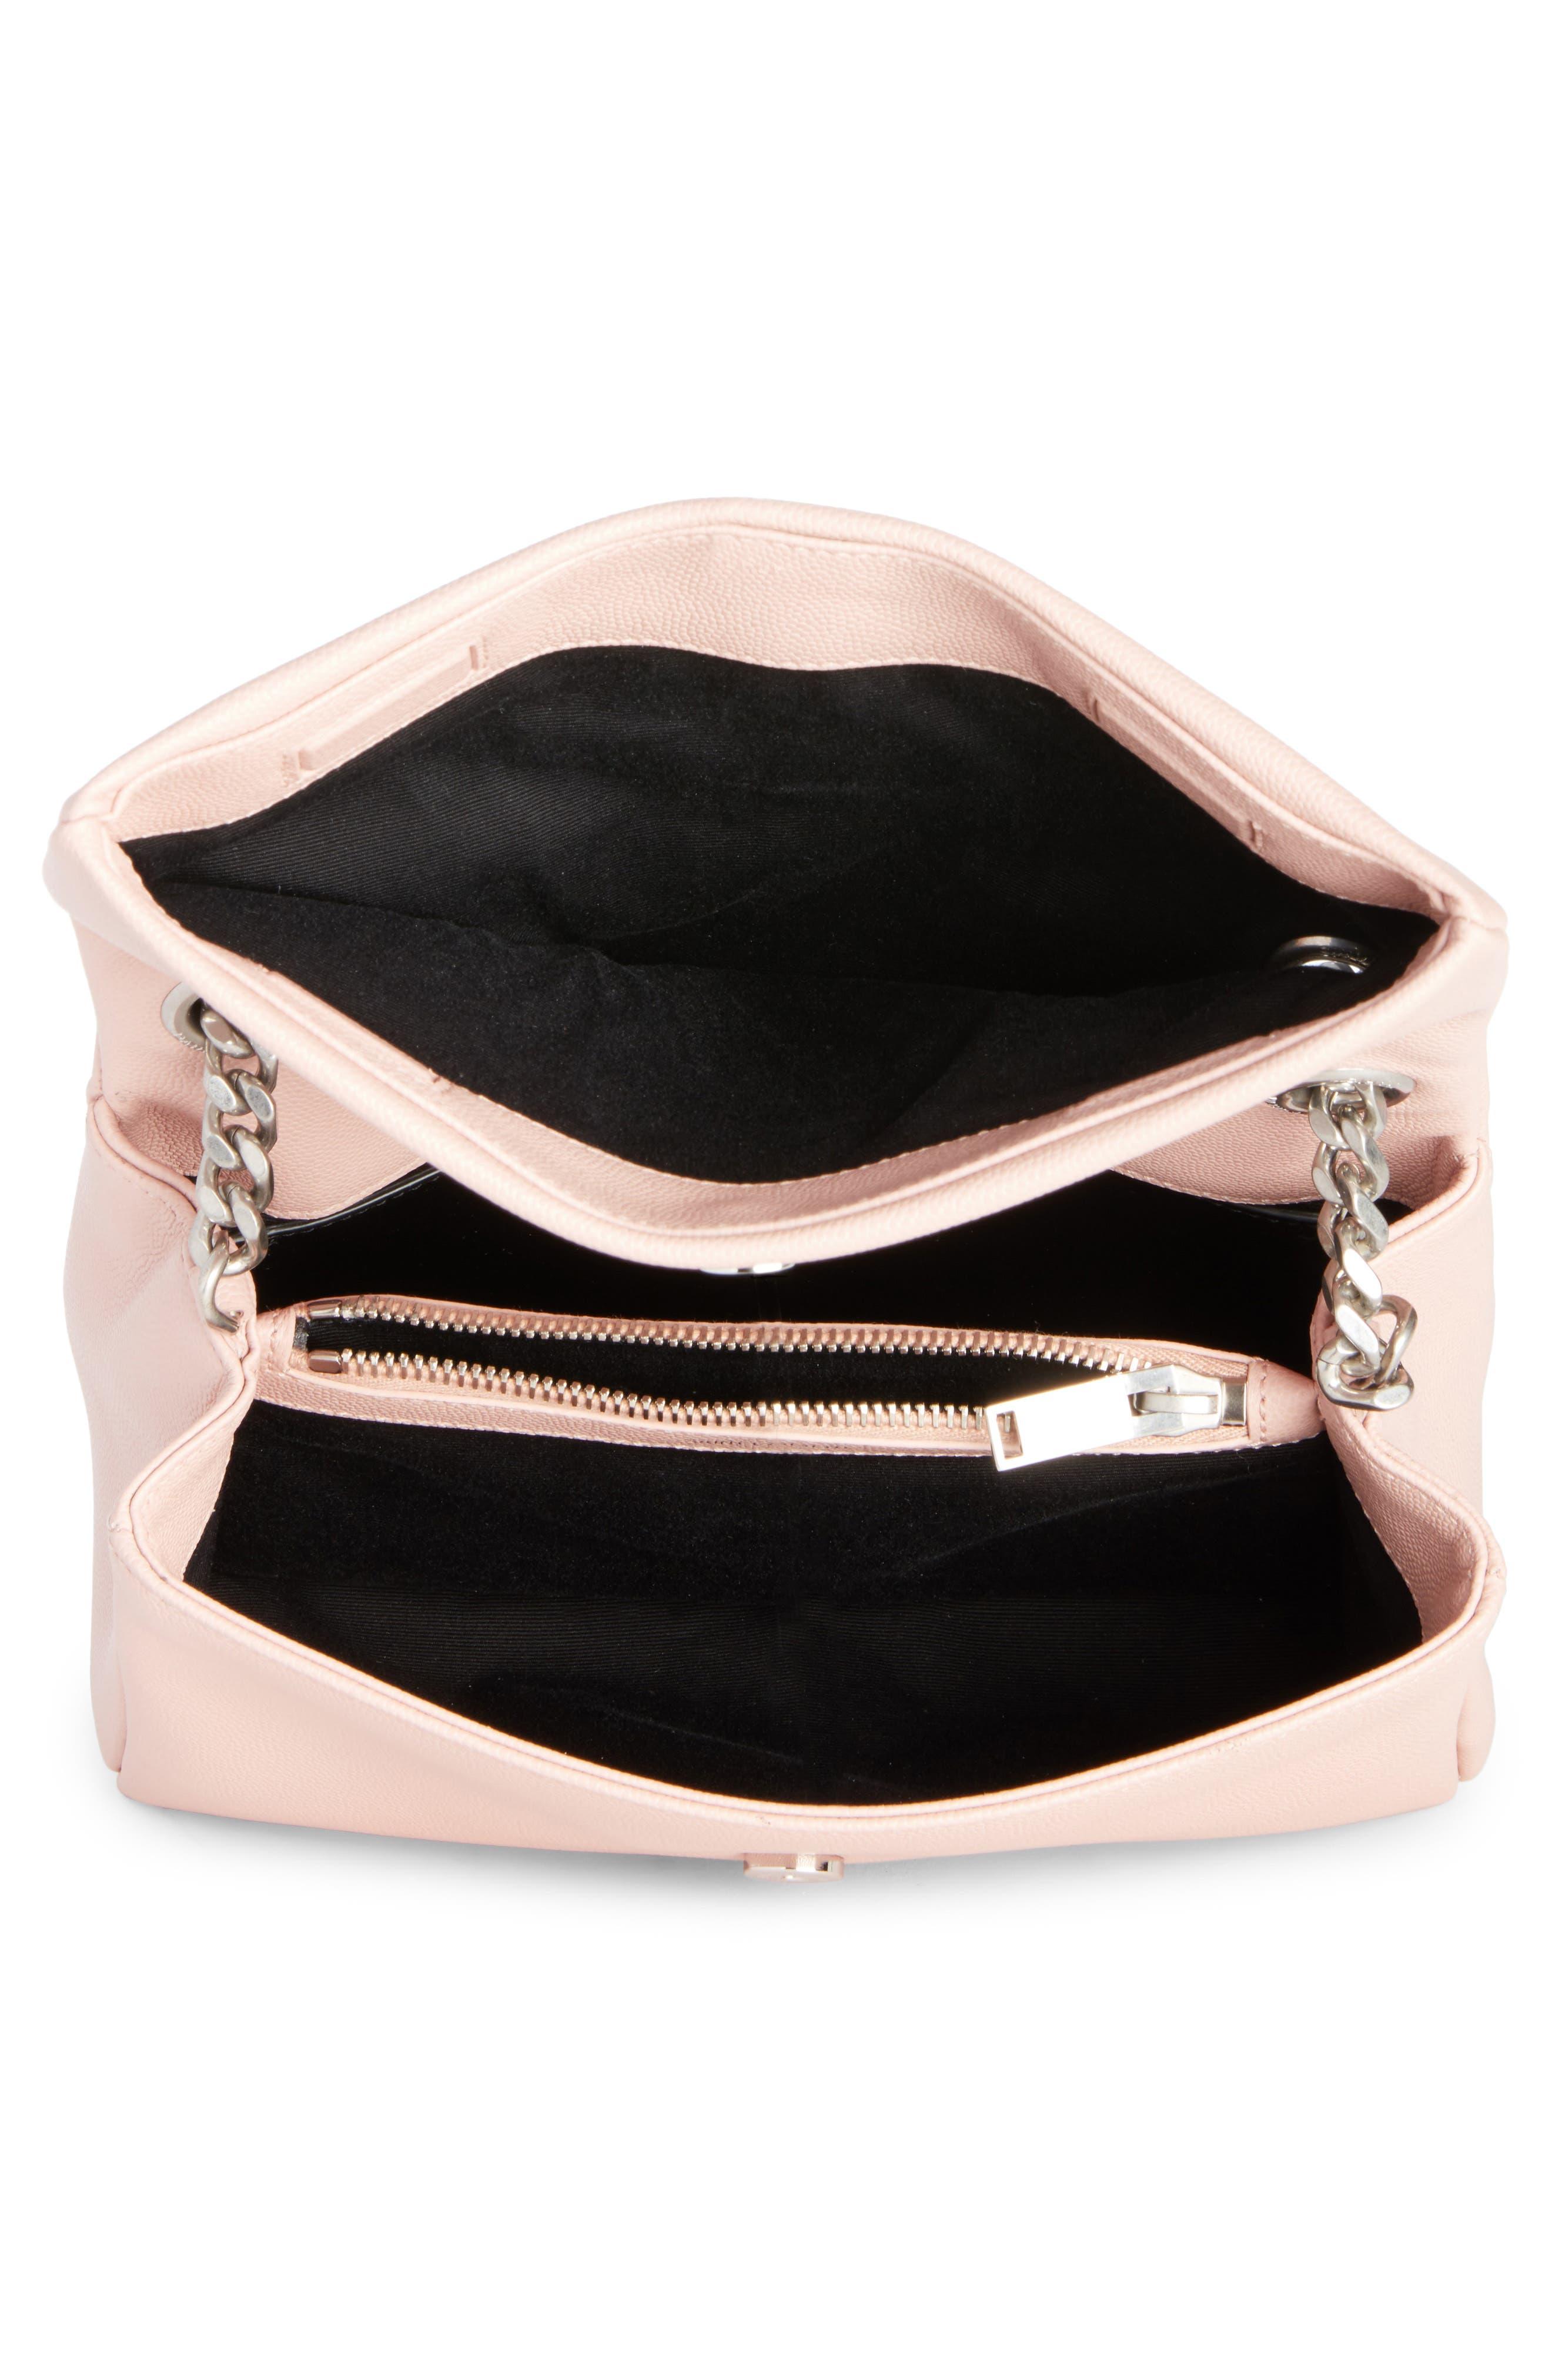 Alternate Image 3  - Saint Laurent West Hollywood Calfskin Leather Messenger Bag